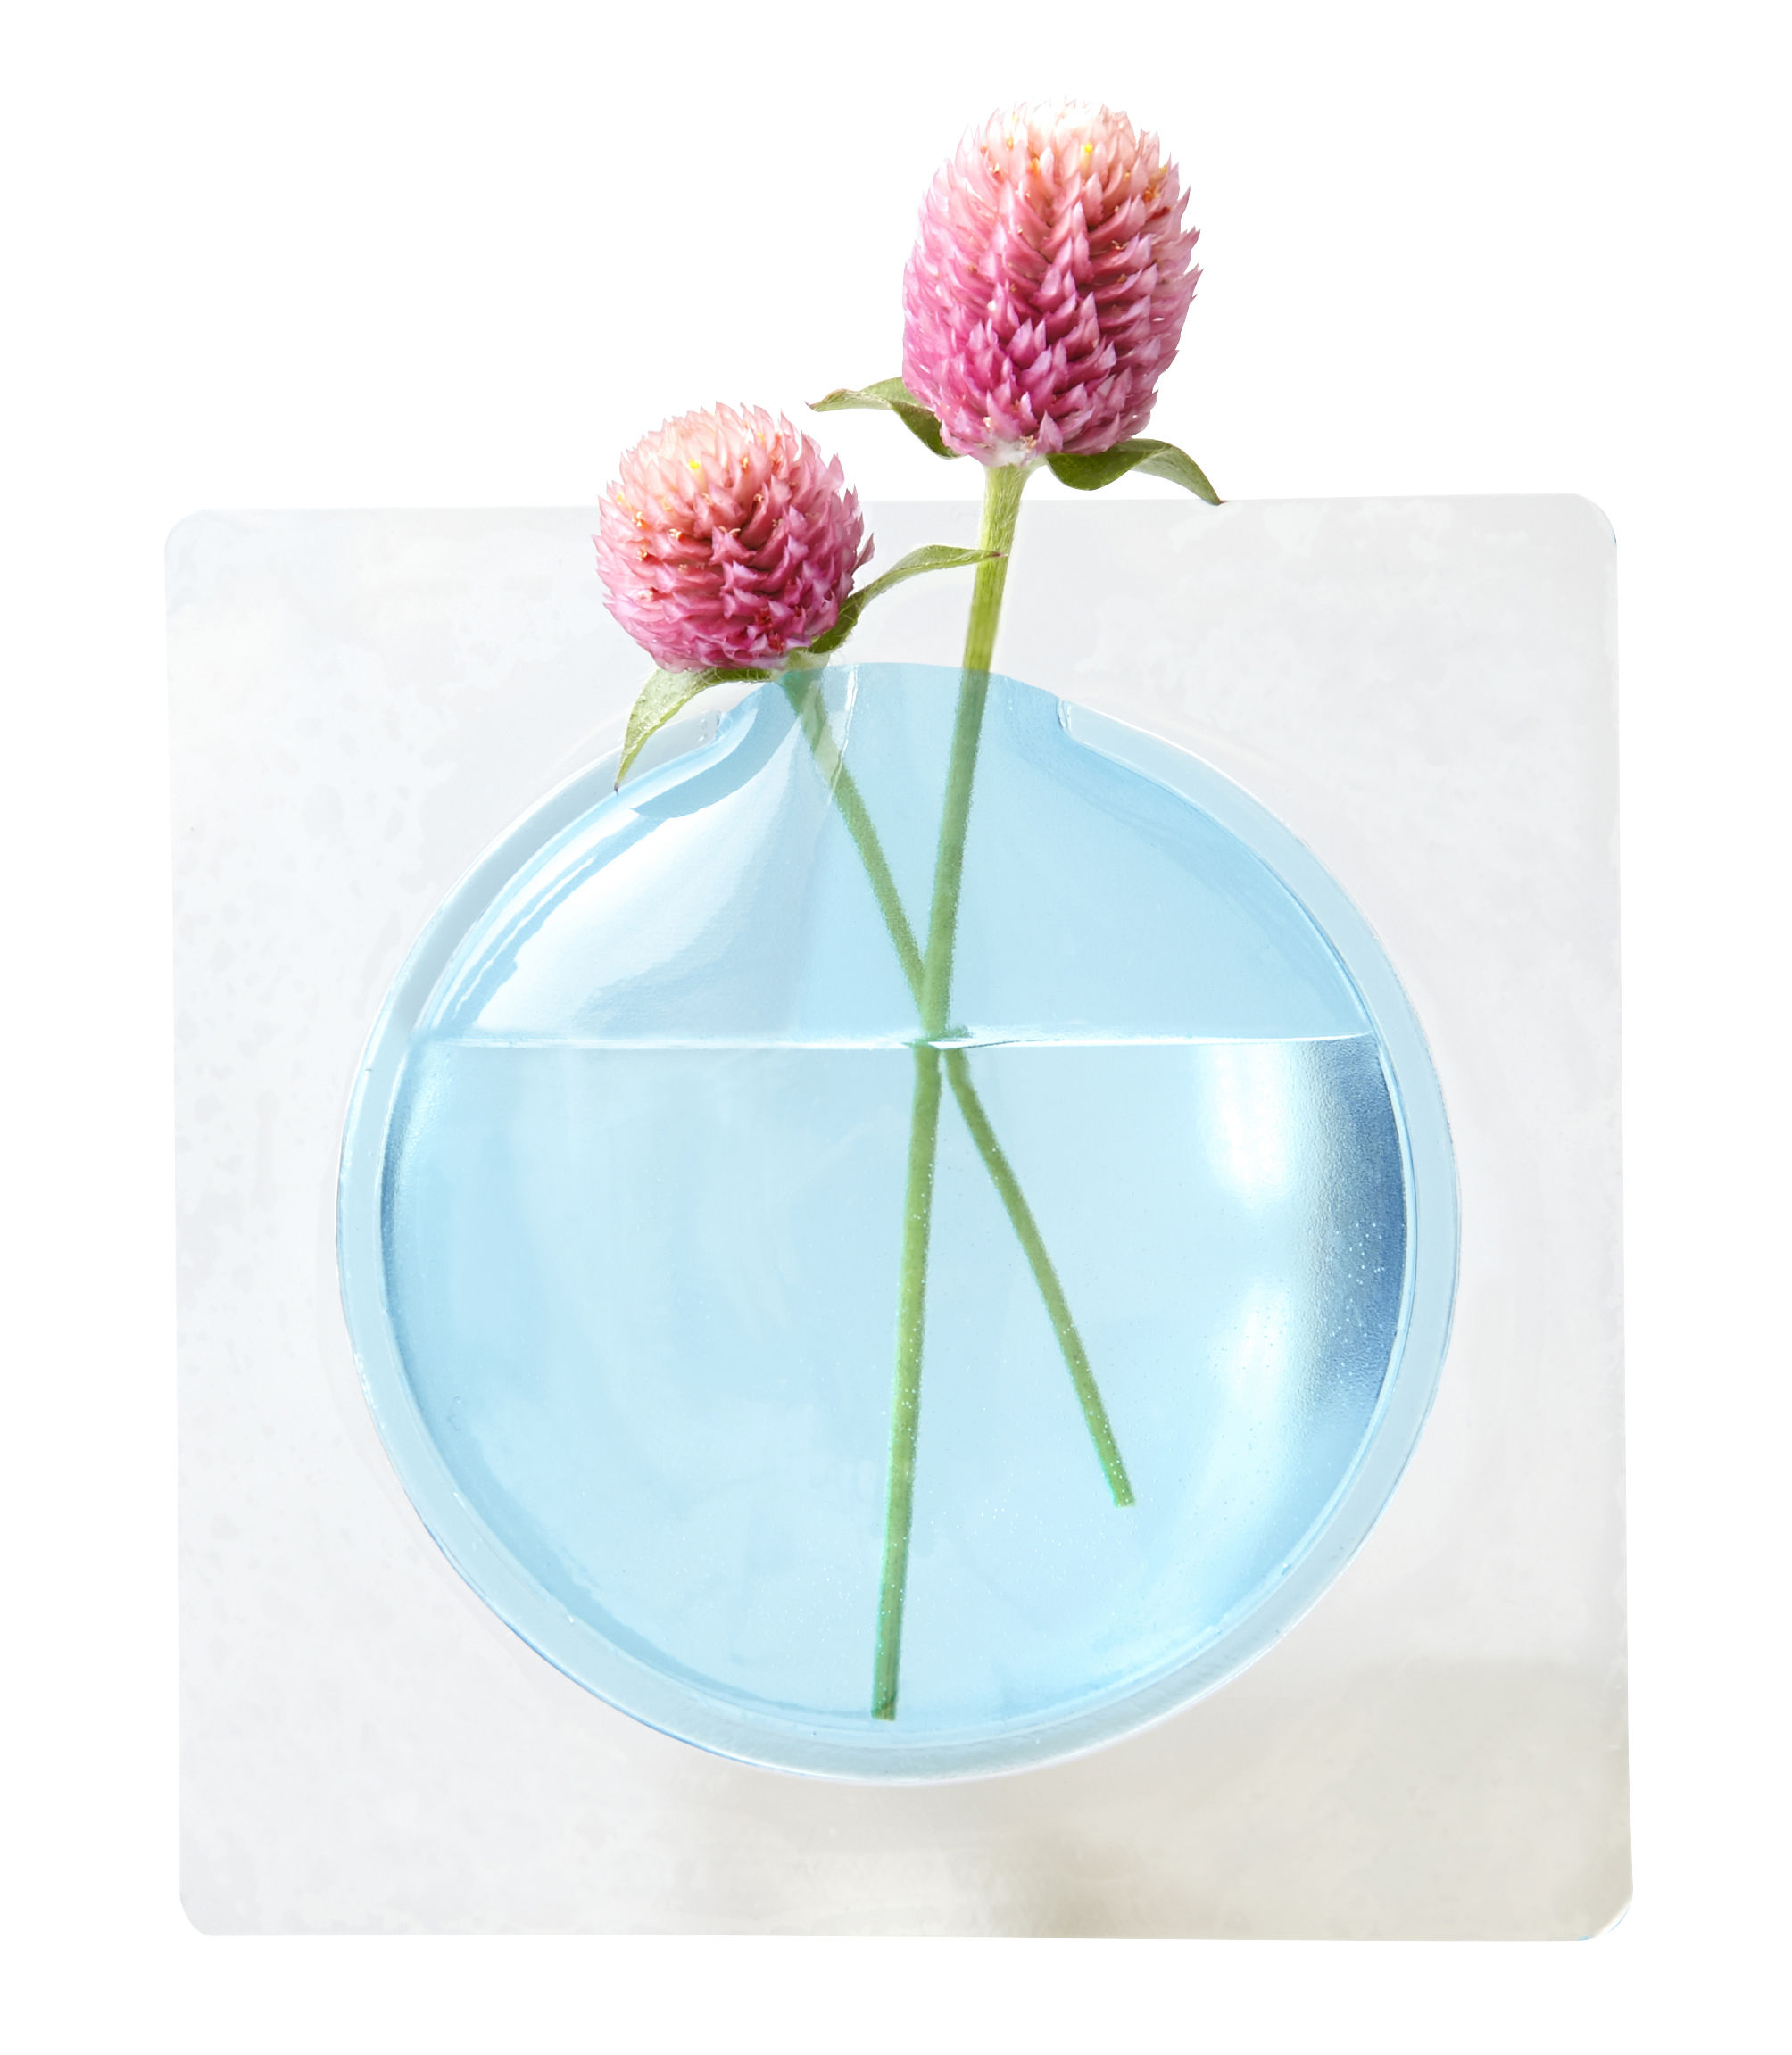 kaki vase adhesive h 12 3 cm blue by pa design. Black Bedroom Furniture Sets. Home Design Ideas